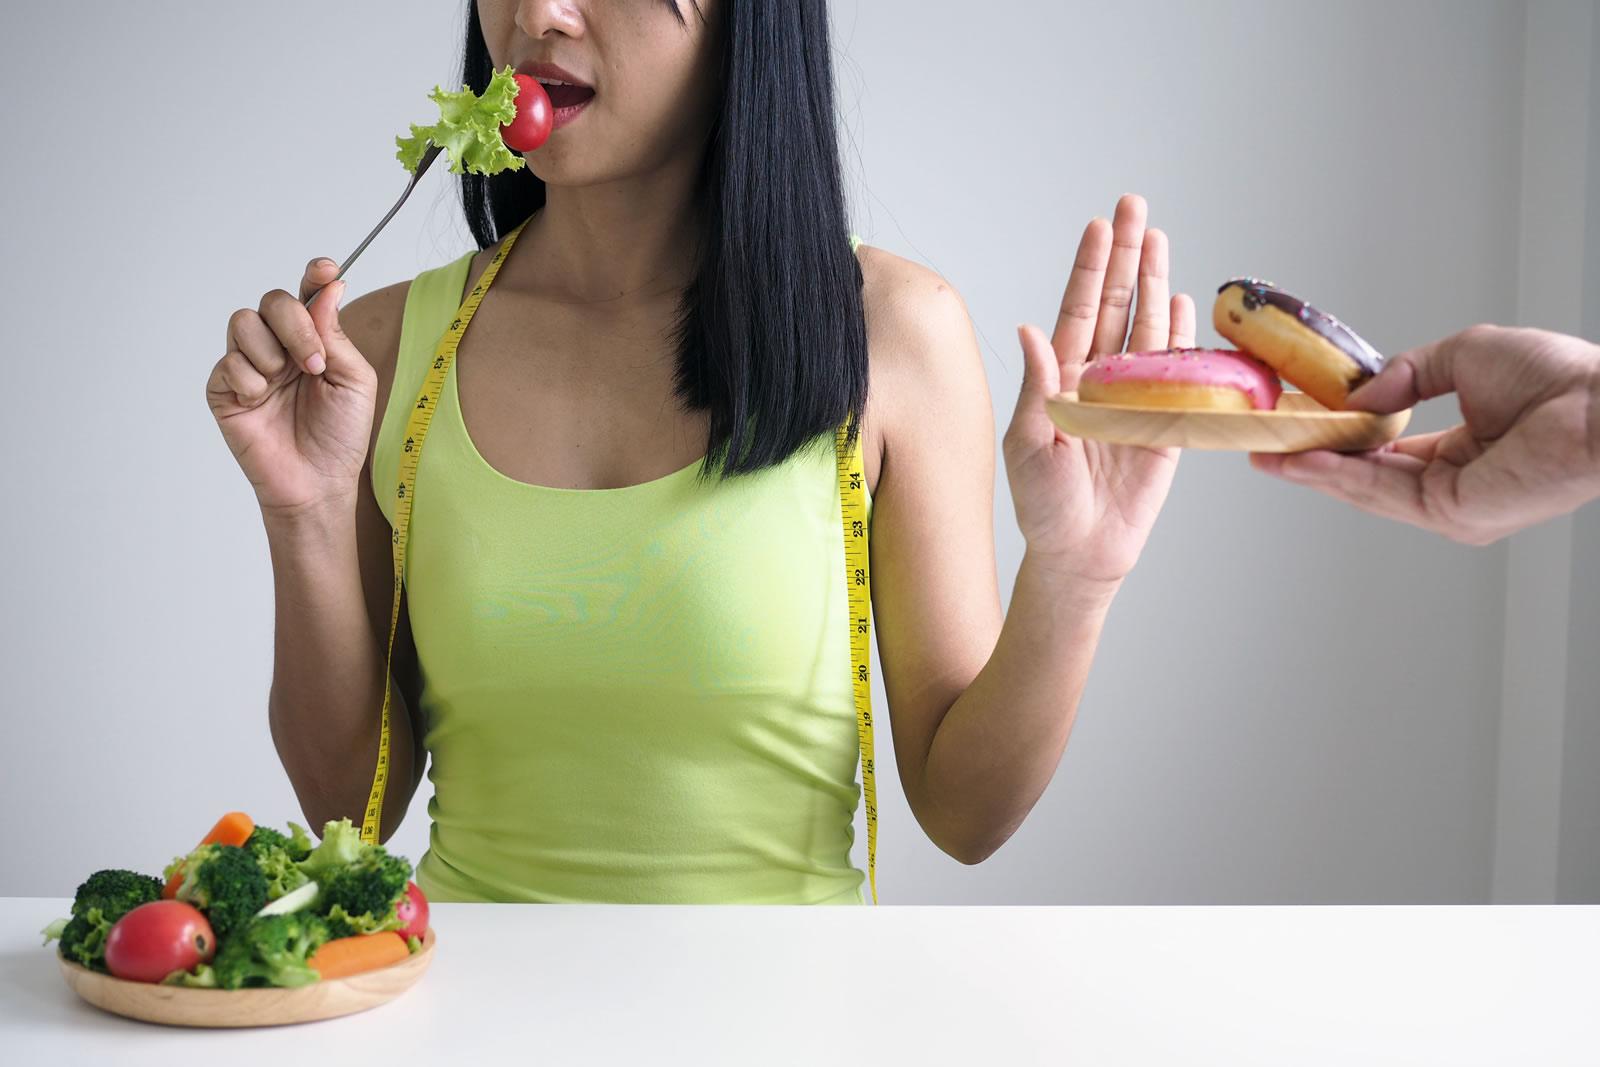 Dietista Nutricionista en Soria: Reeducación alimentaria